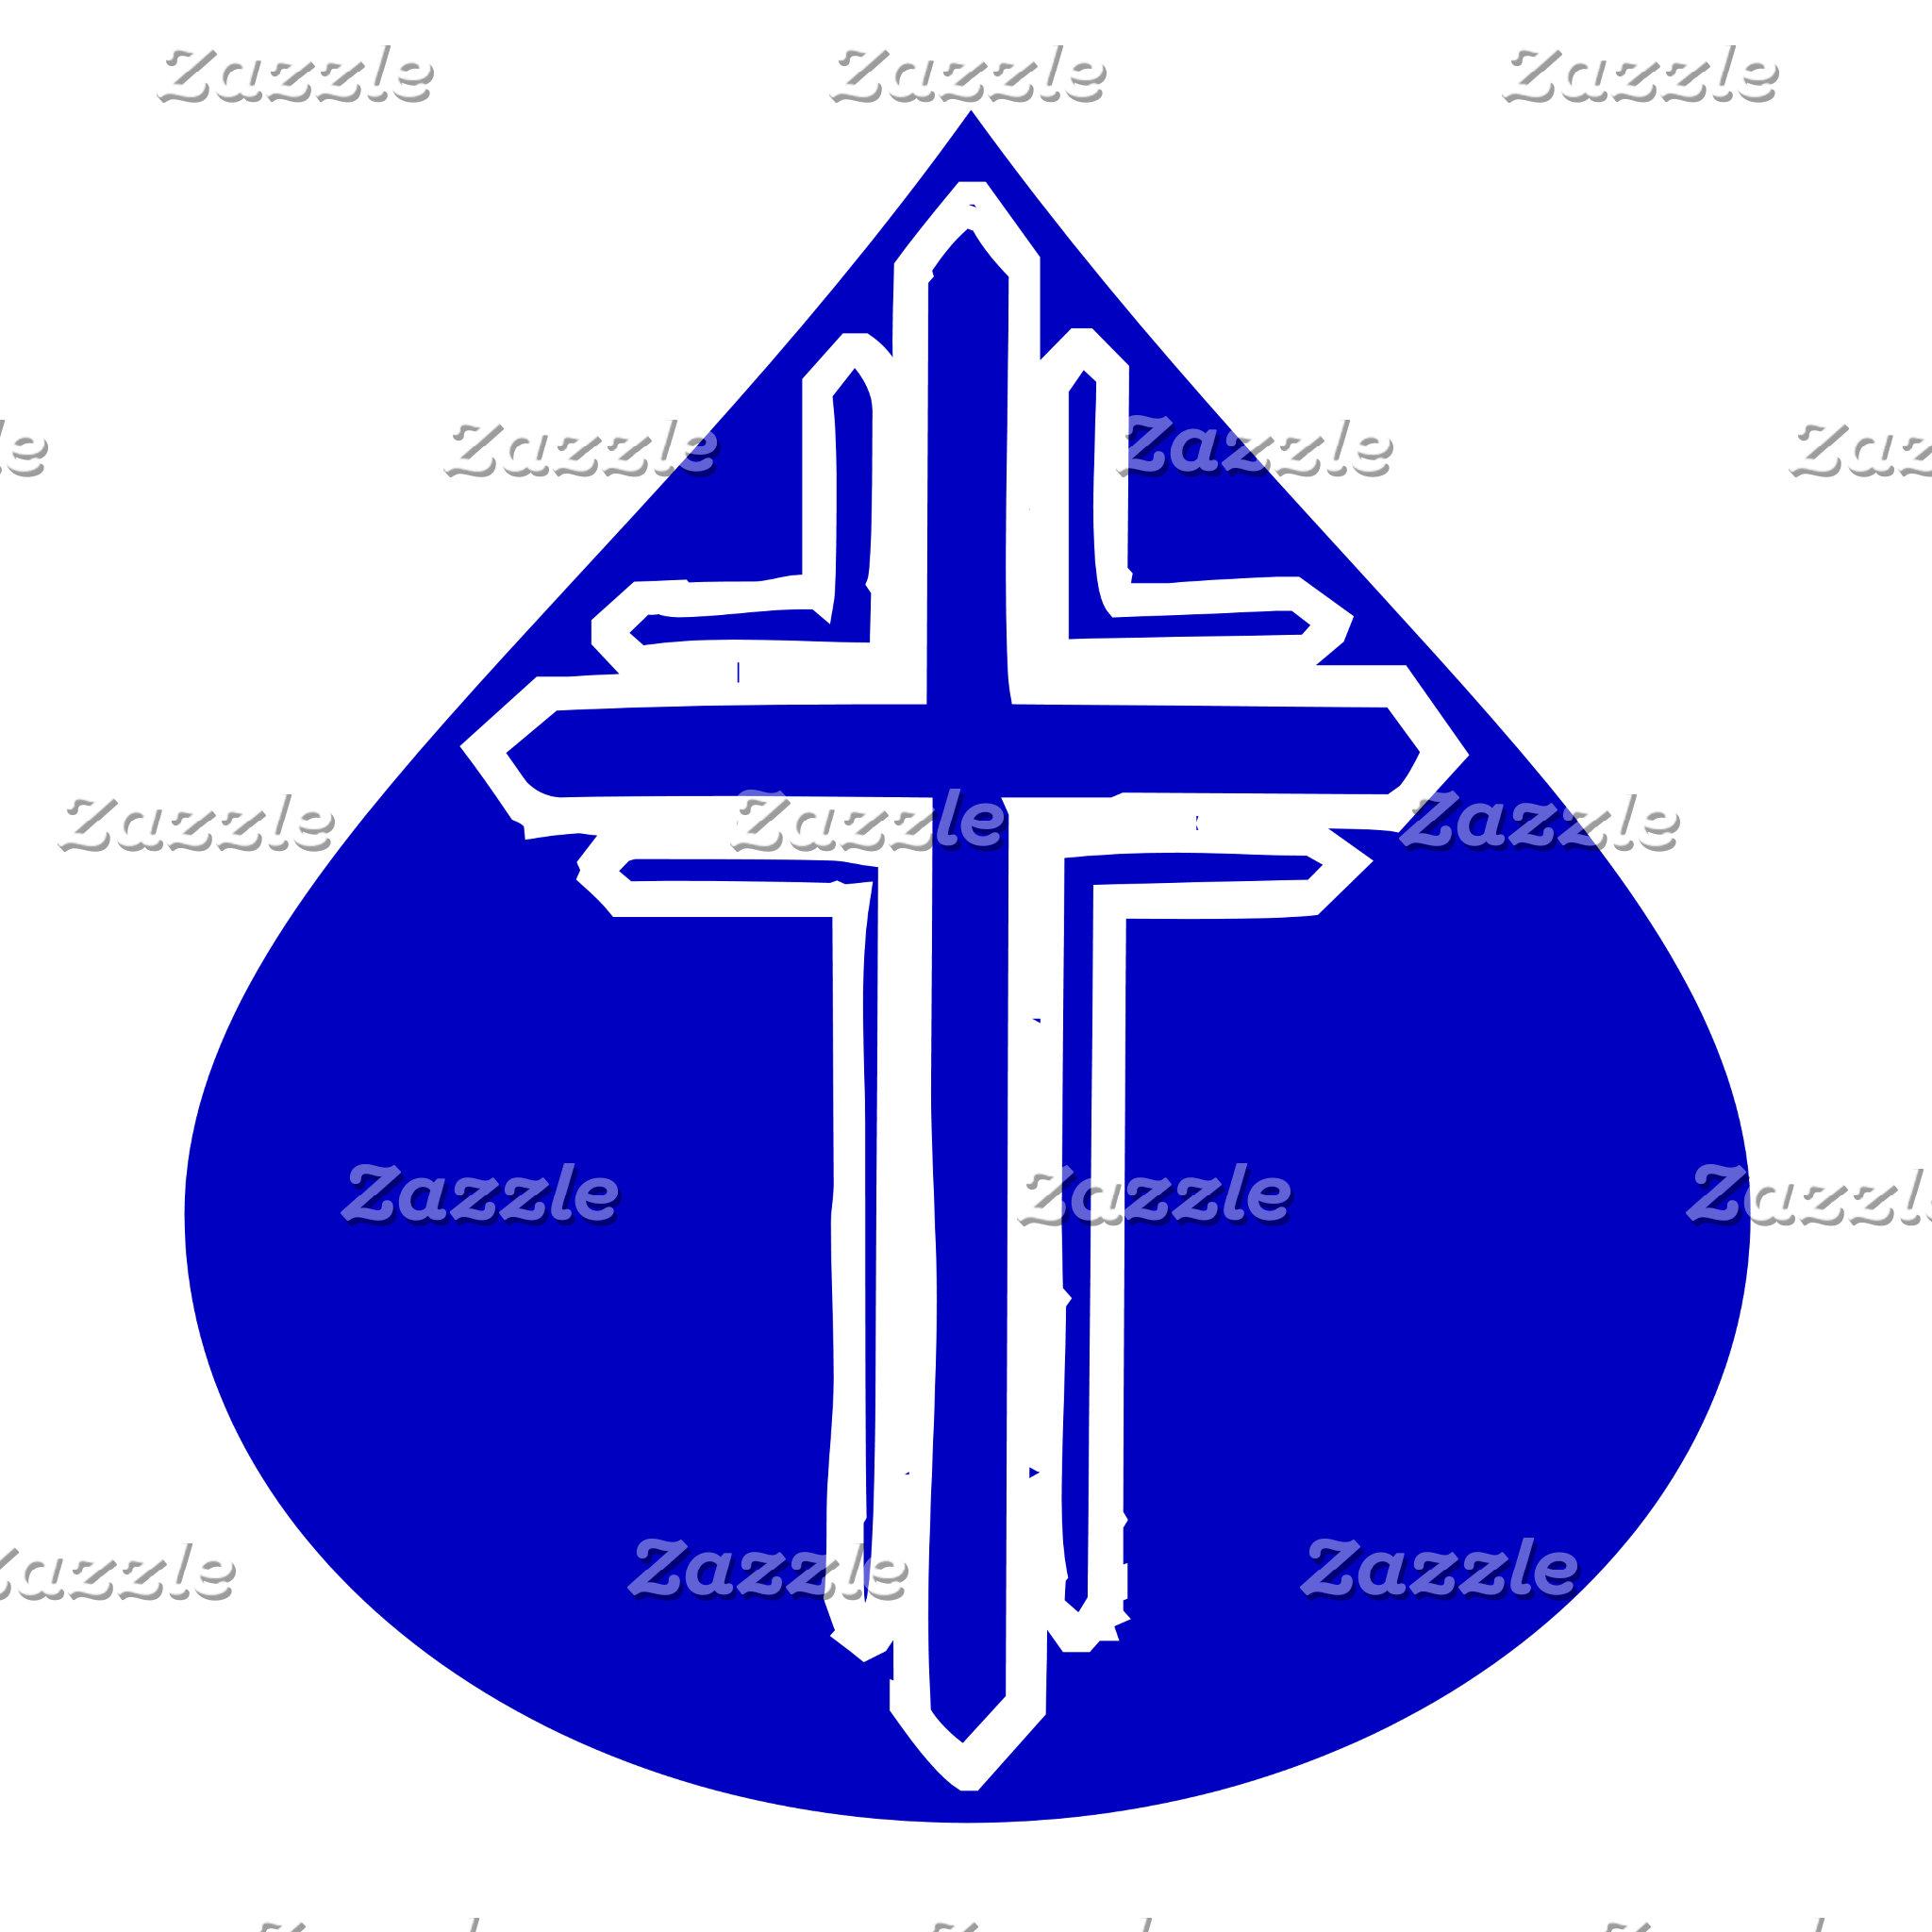 White Cross in Blue Teardrop